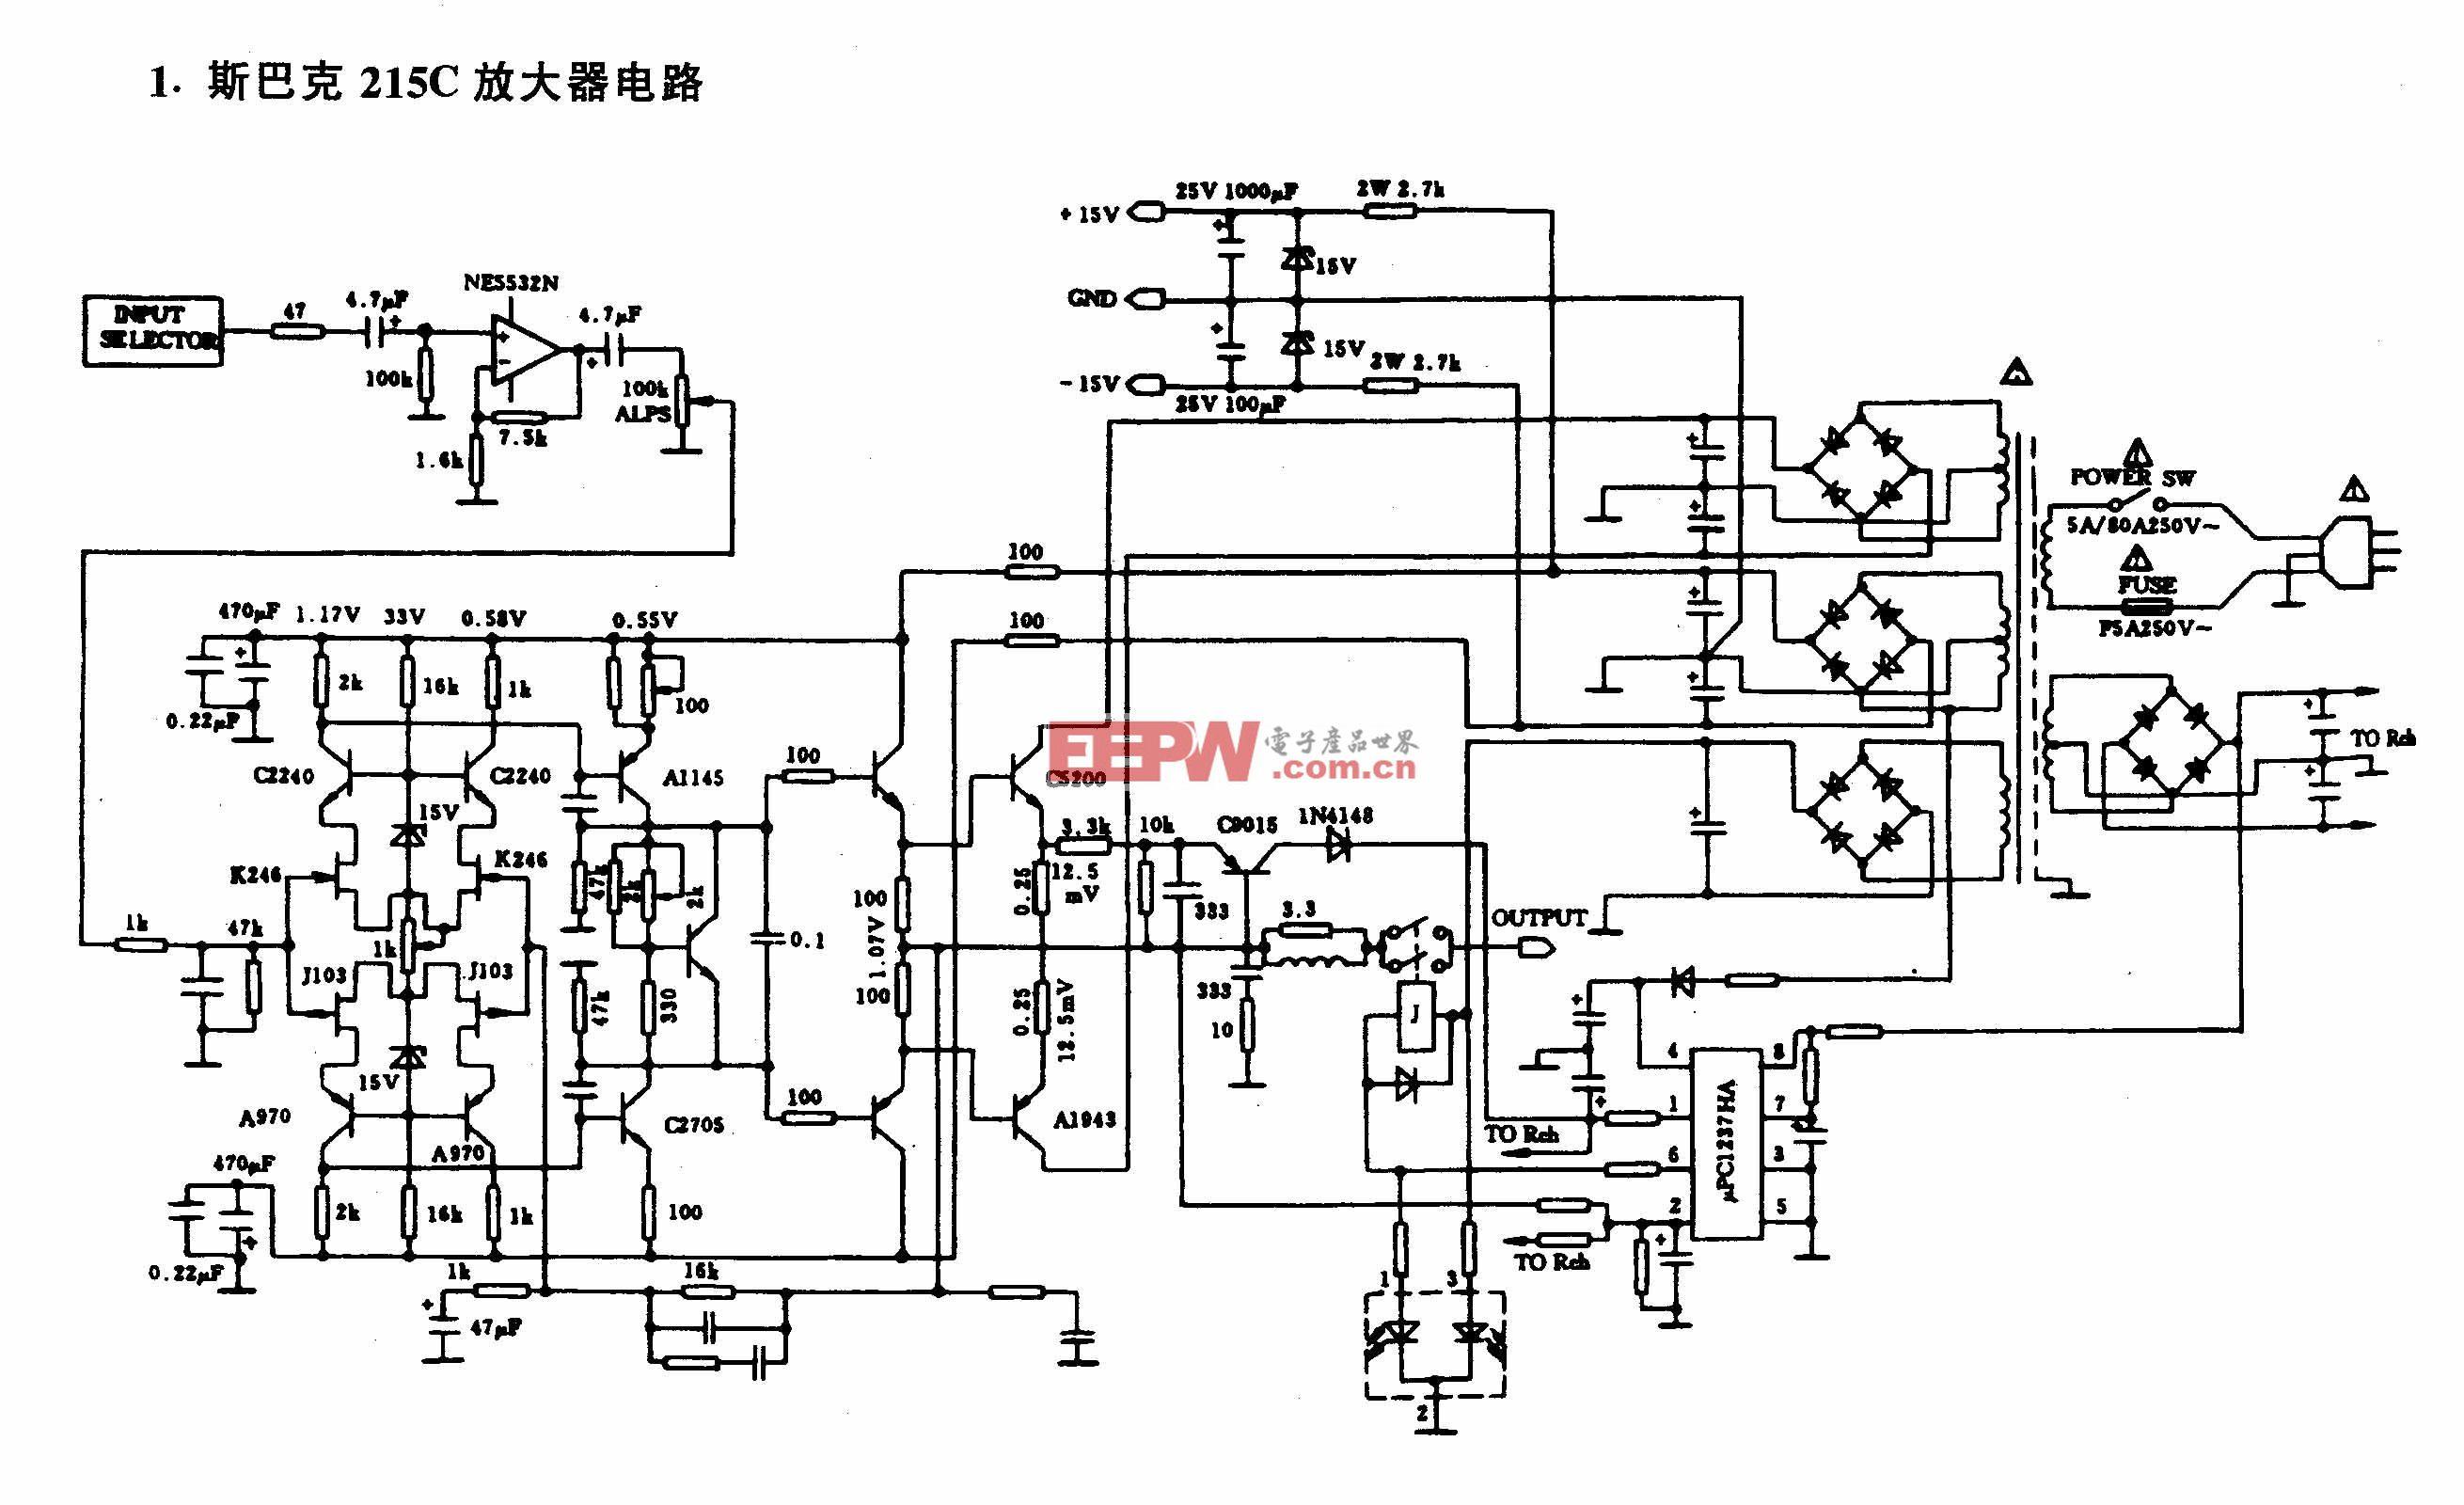 斯巴克 215 c放大器电路 电路图 电子产品世界高清图片